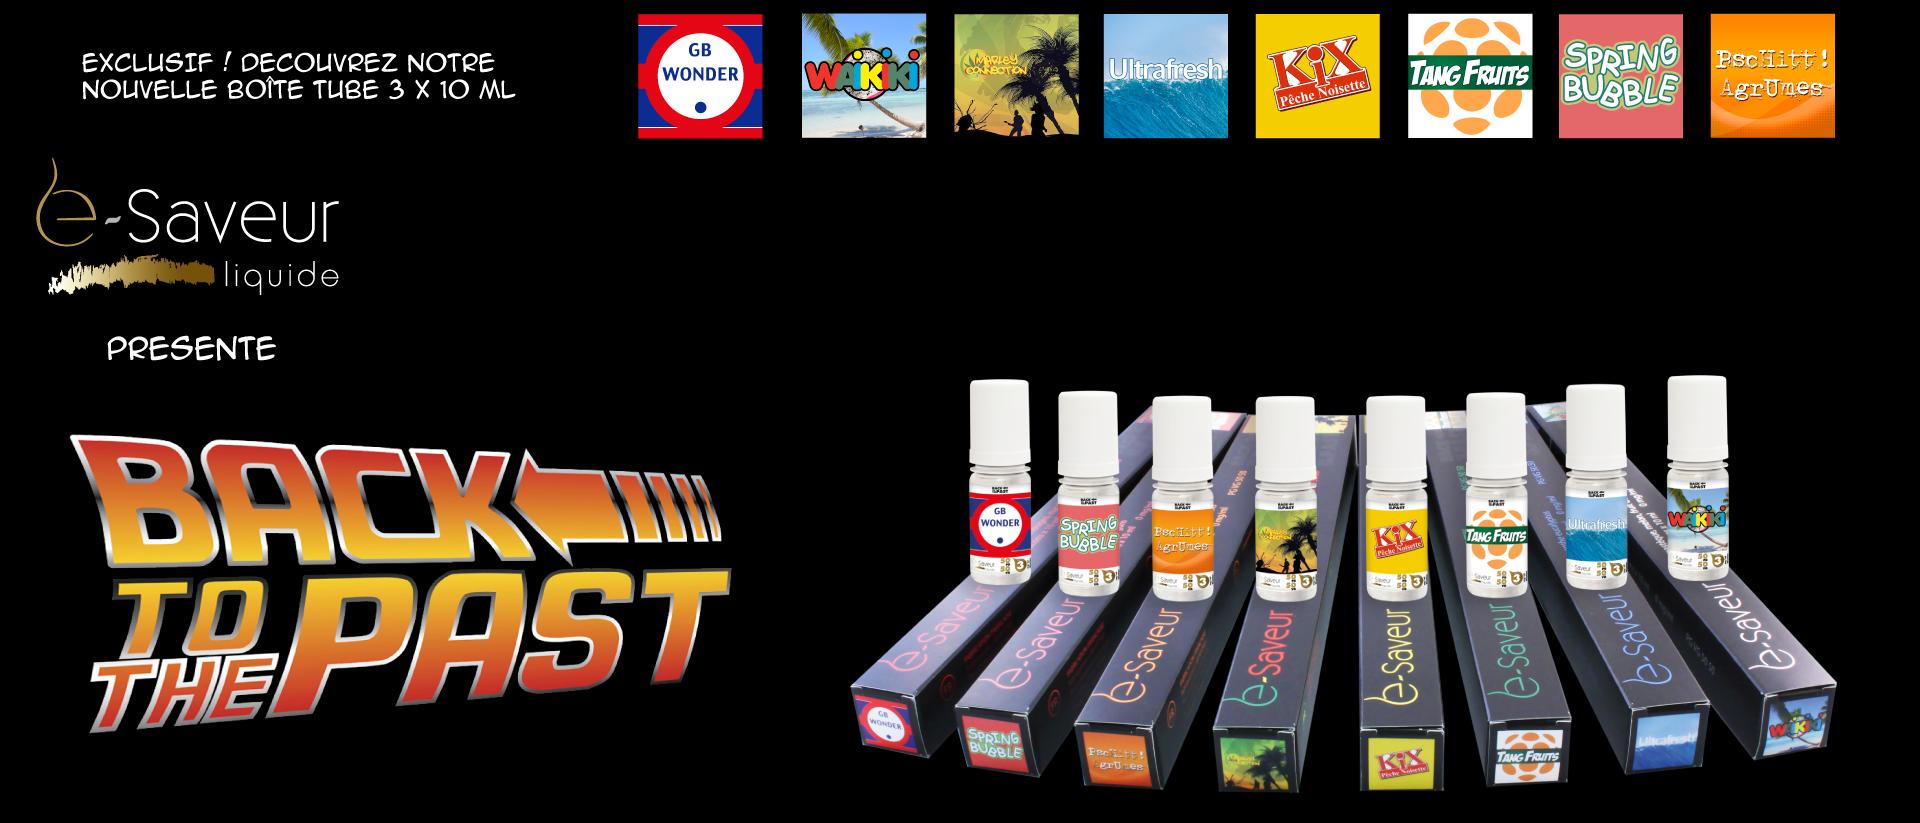 8 saveurs venues tout droit des années 90 à découvrir...